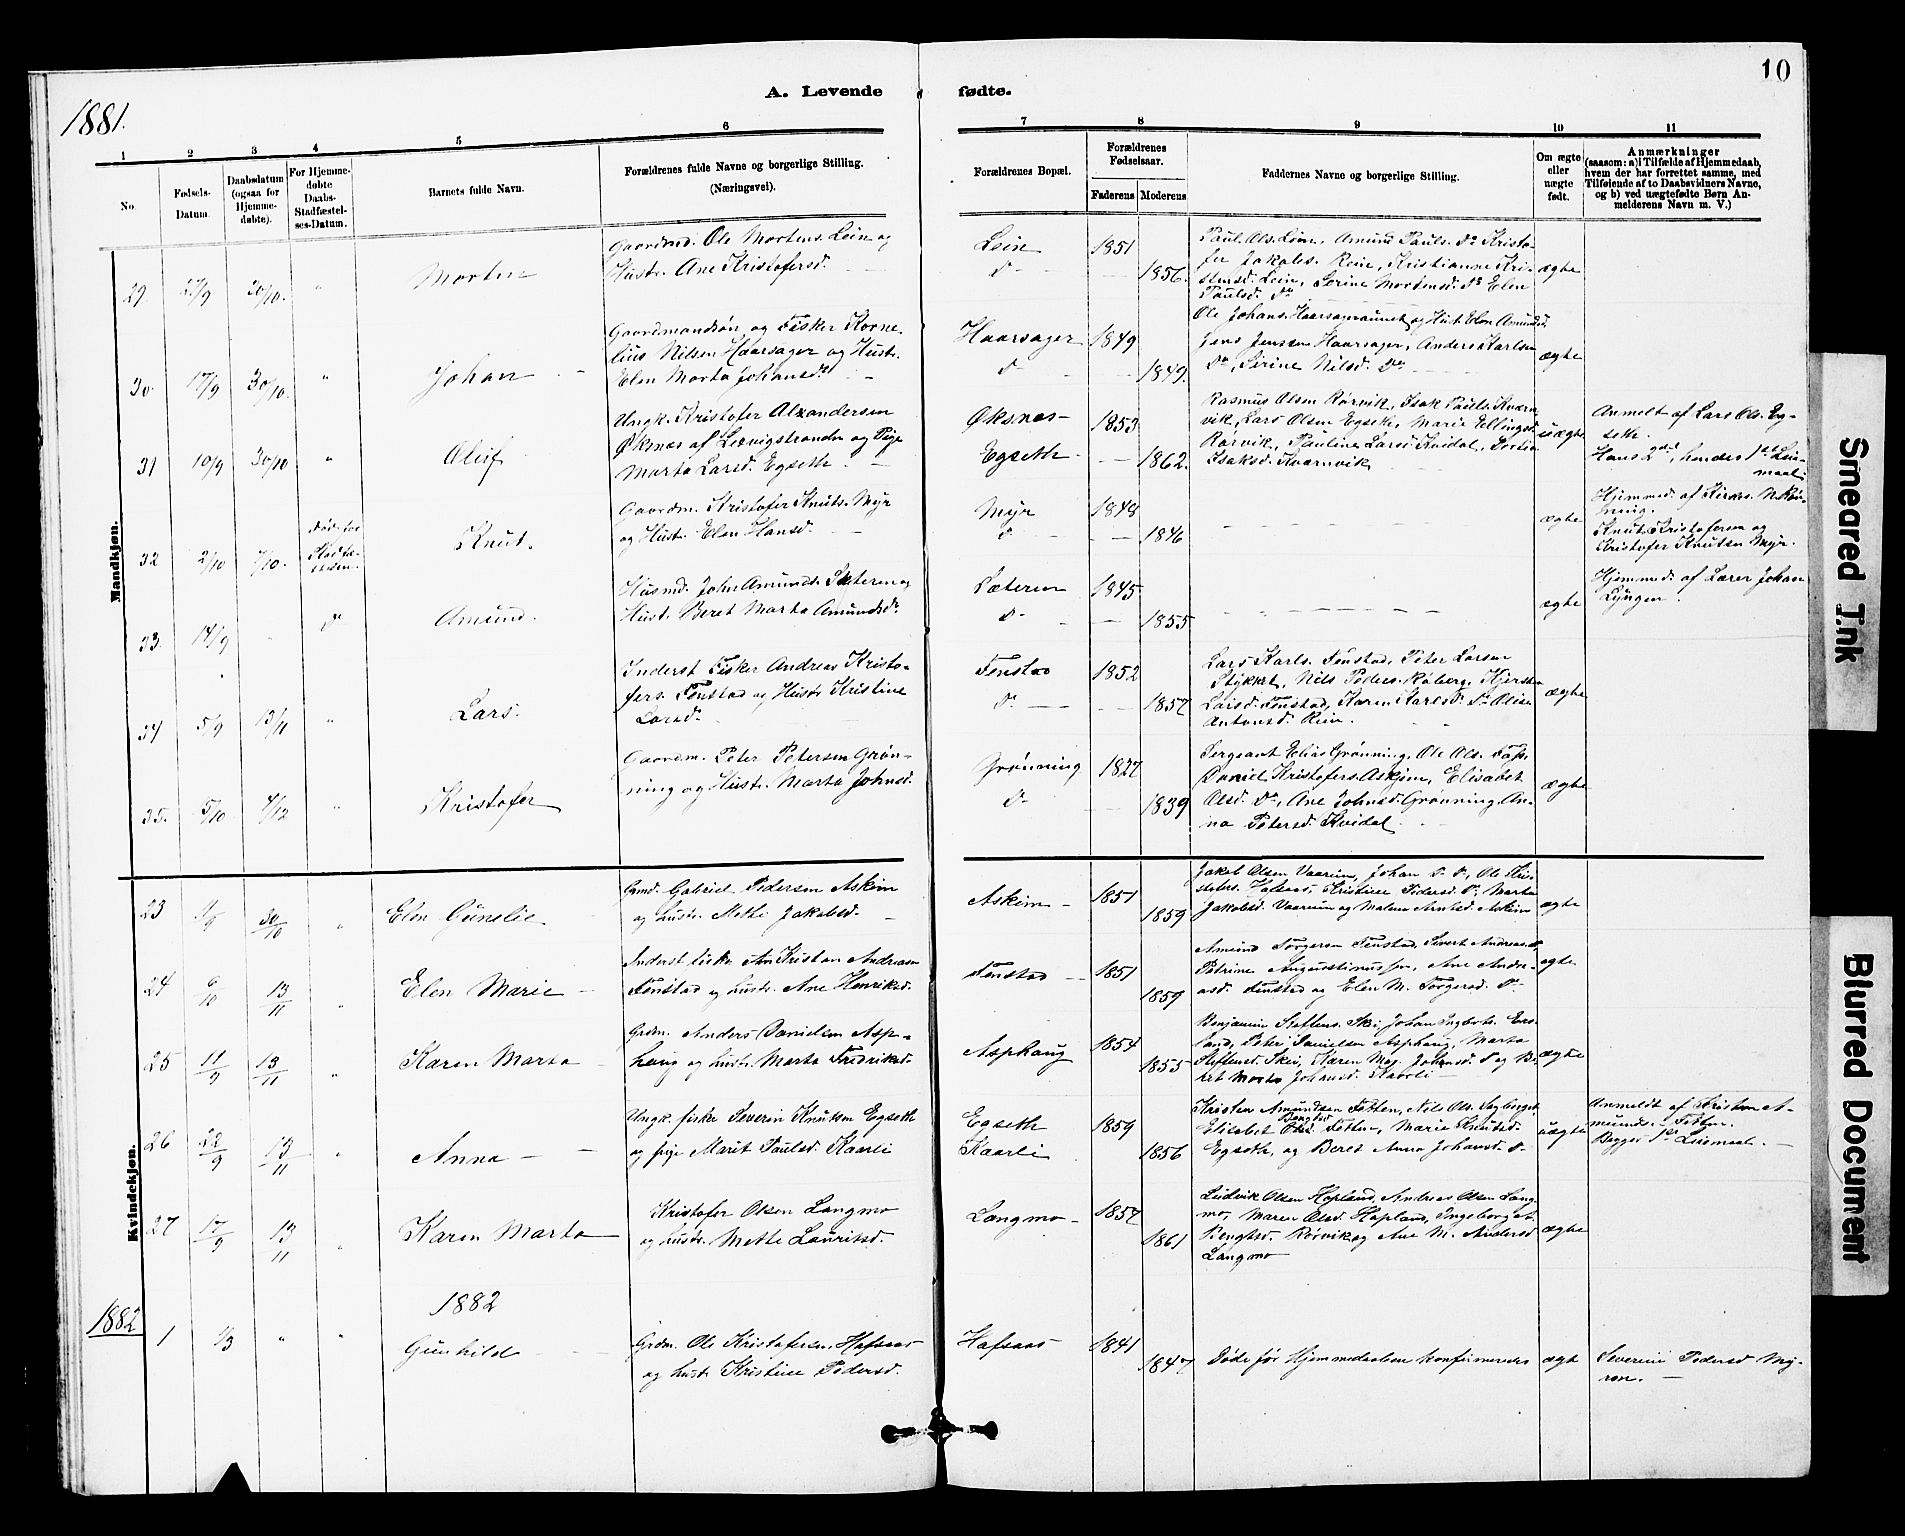 SAT, Ministerialprotokoller, klokkerbøker og fødselsregistre - Sør-Trøndelag, 646/L0628: Klokkerbok nr. 646C01, 1880-1903, s. 10